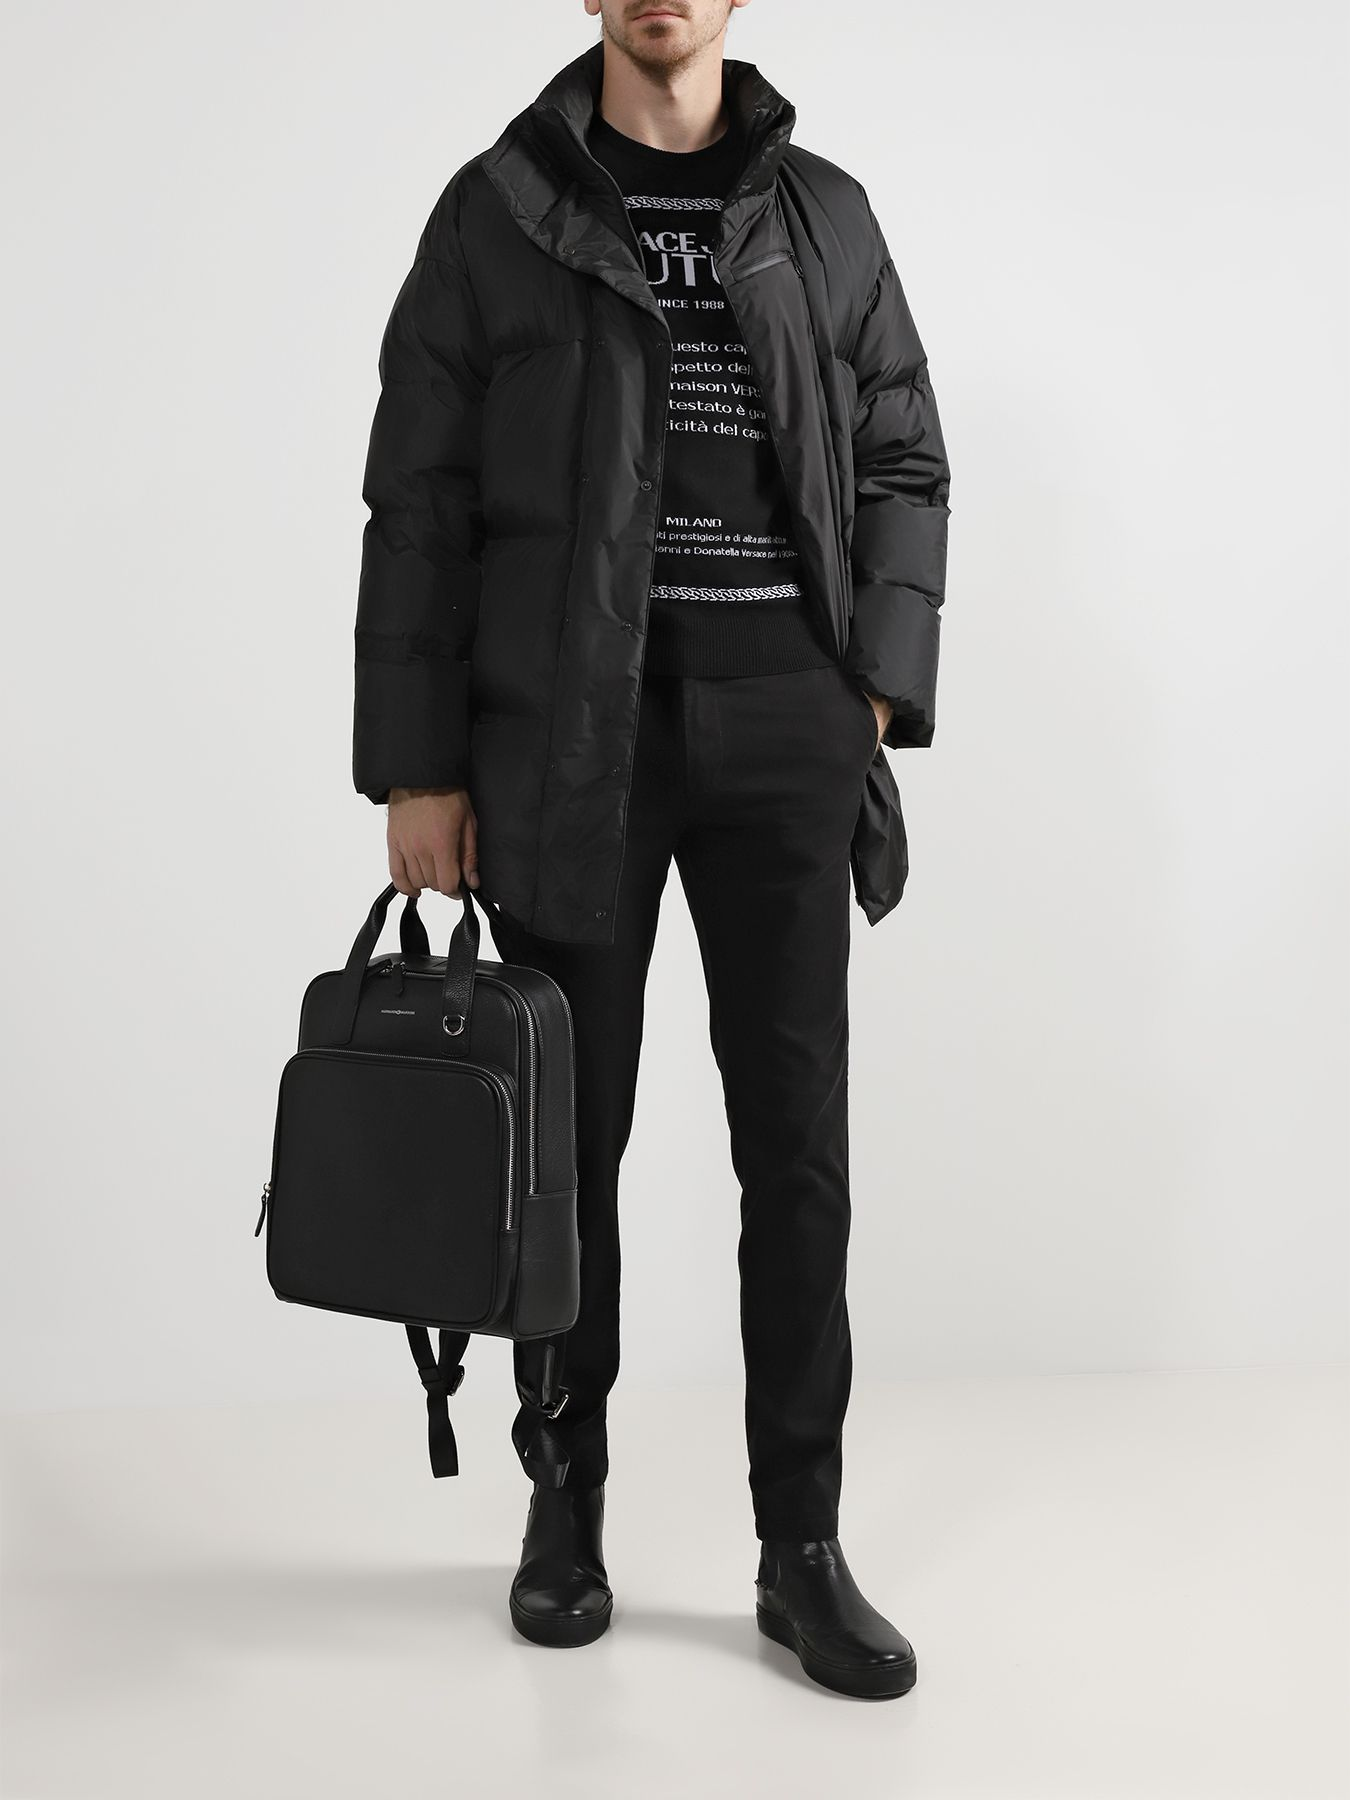 Рюкзак Alessandro Manzoni Городской рюкзак рюкзак городской husky scotter 20l цвет черный